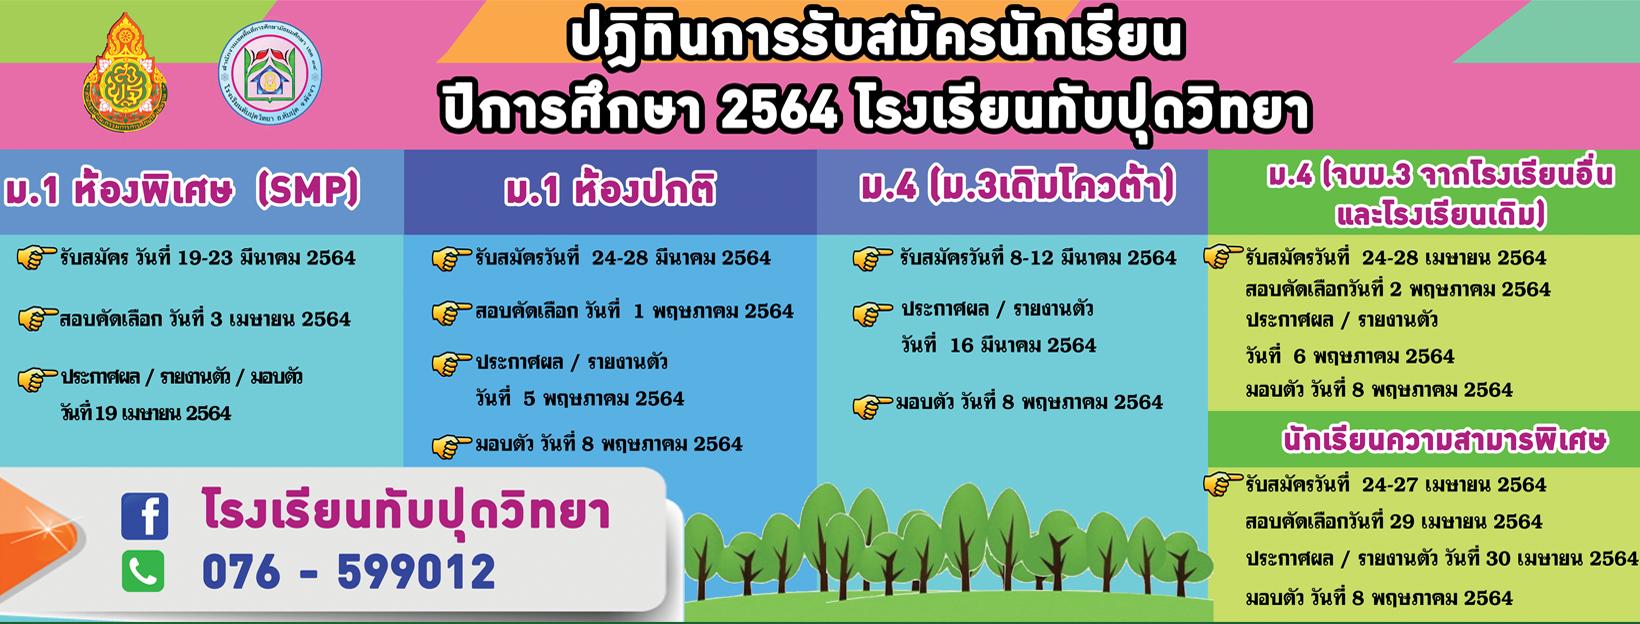 ปฏิทินการรับสมัครนักเรียน ปีการศึกษา 2564 โรงเรียนทับปุดวิทยา